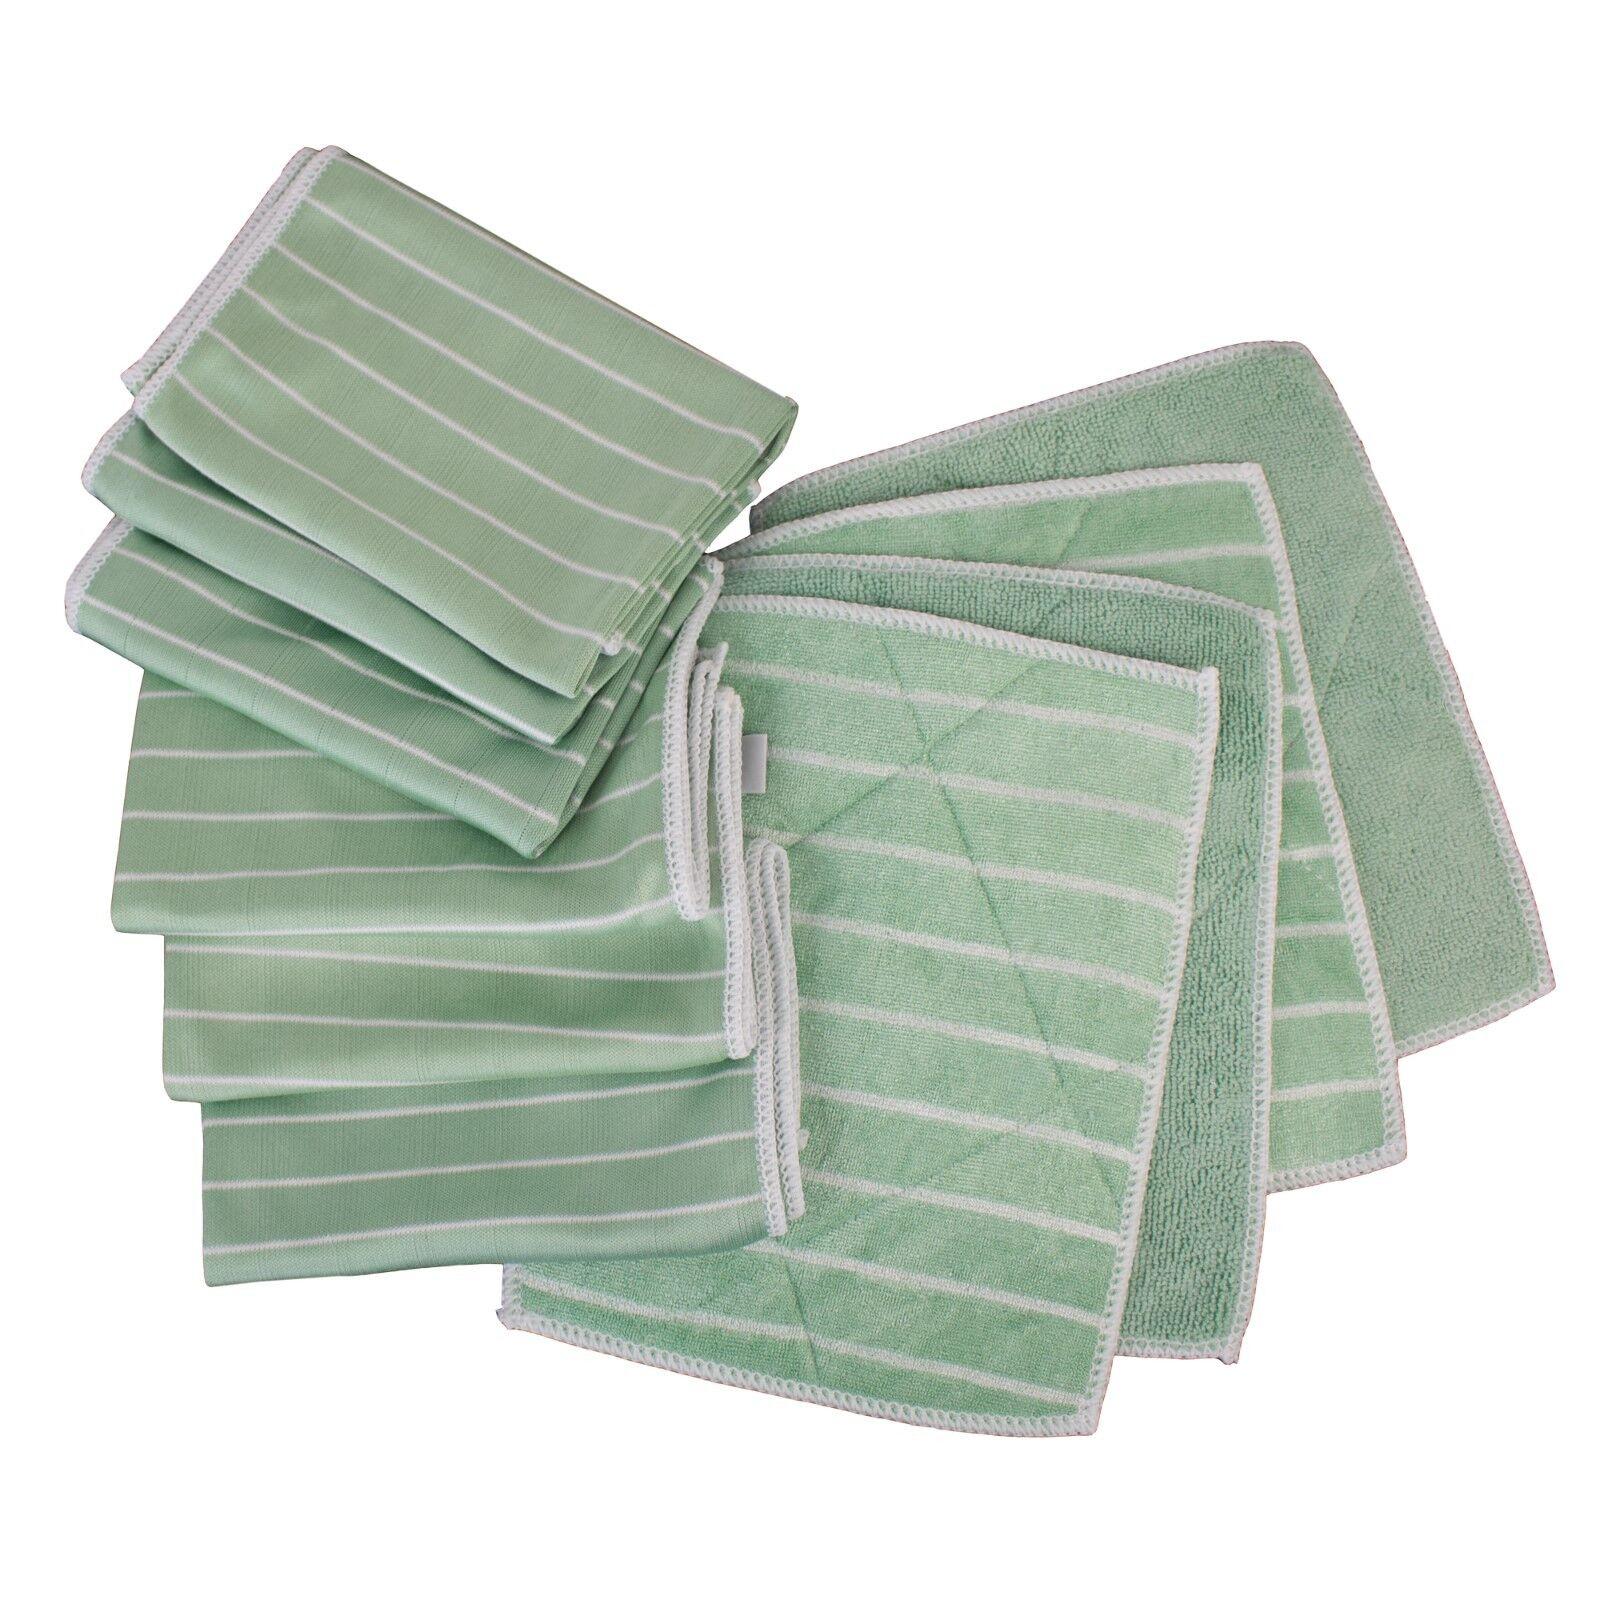 Bambus Reinigungstücher Alpha S4 10 tlg. Set das Grüne Wunder der Putzlappen